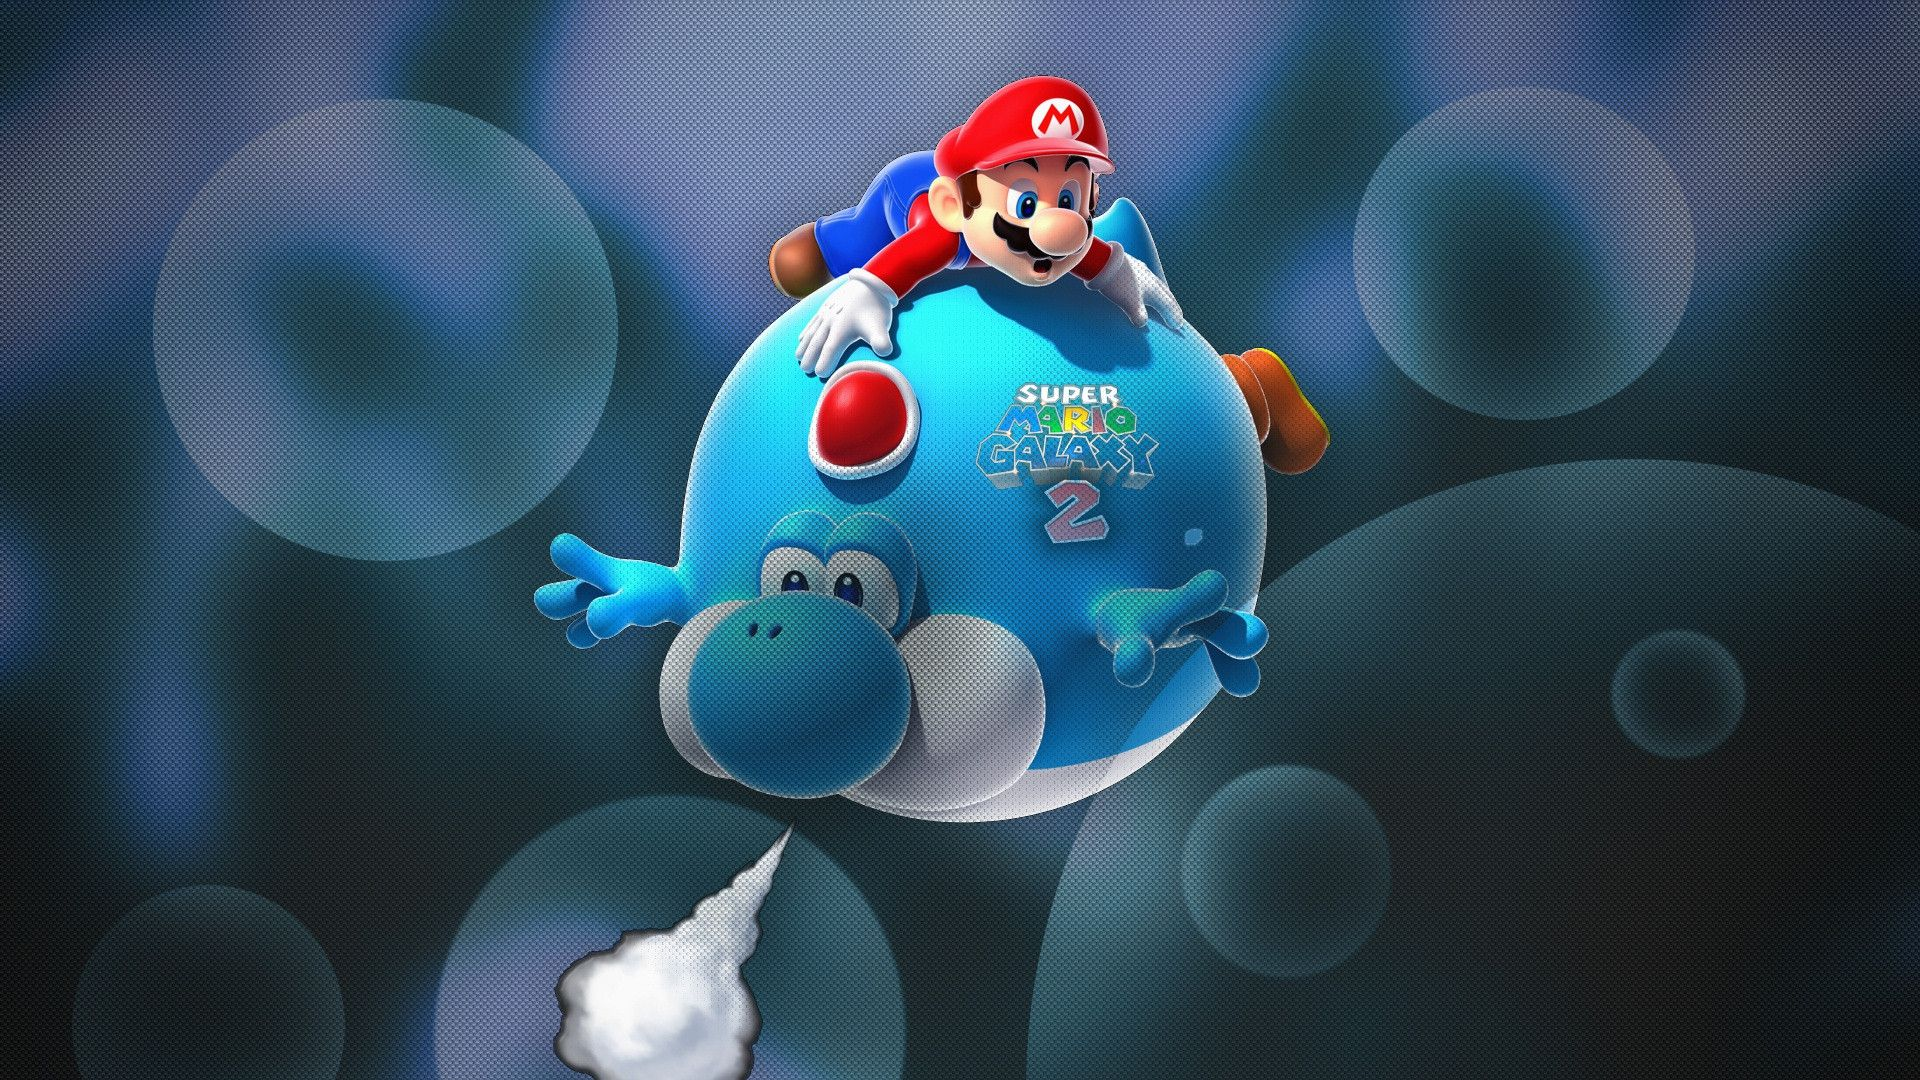 Super Mario [1920 X 1080] Need iPhone 6S Plus